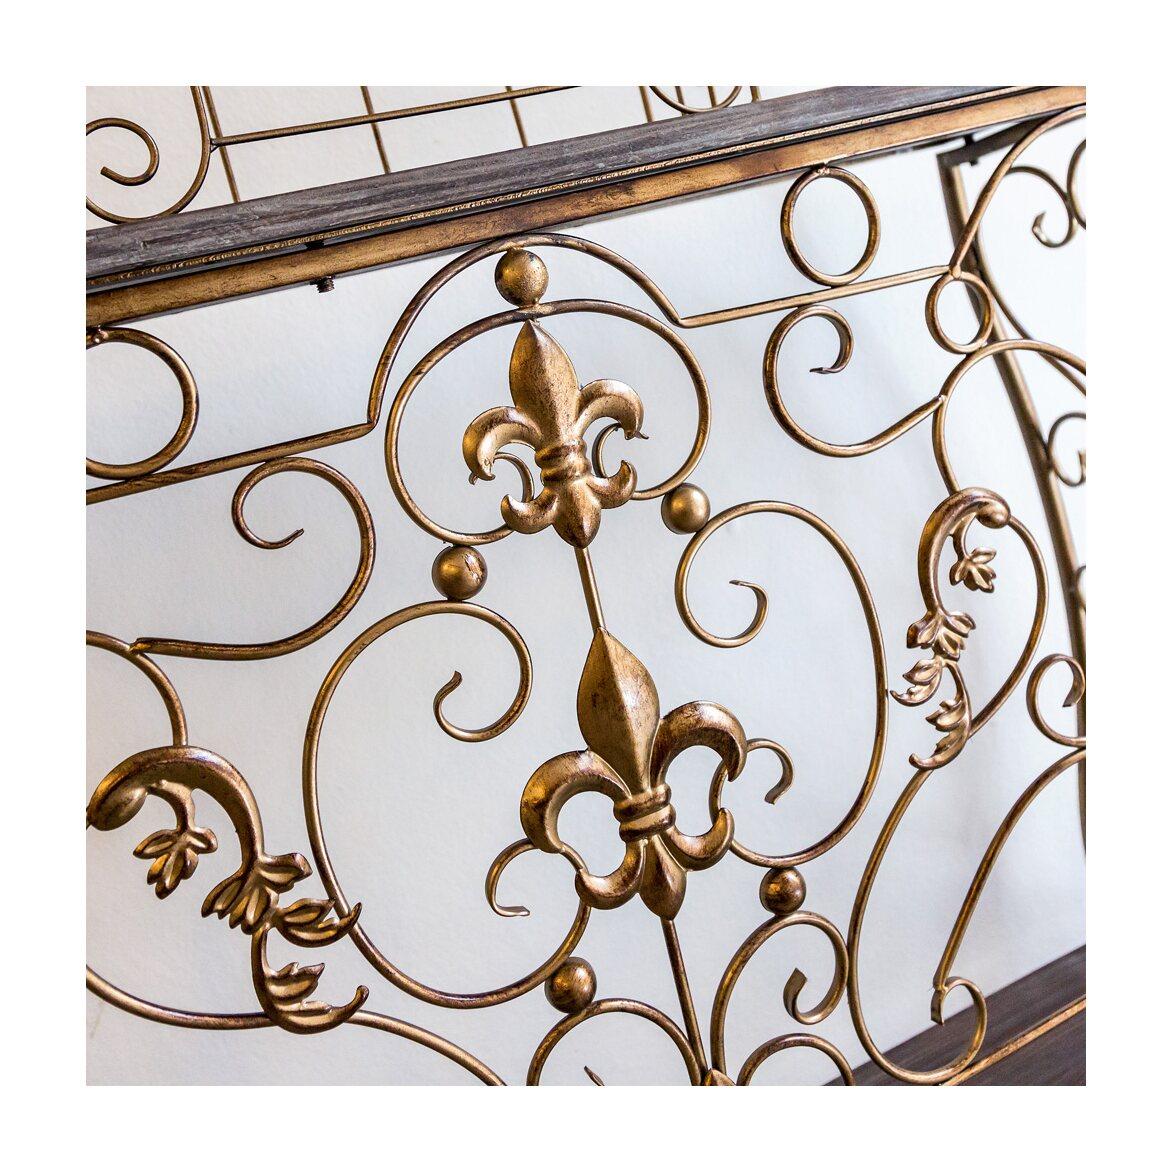 Консоль «Королевская лилия» (бронзовый антик, версия М) 6 | Консоли Kingsby